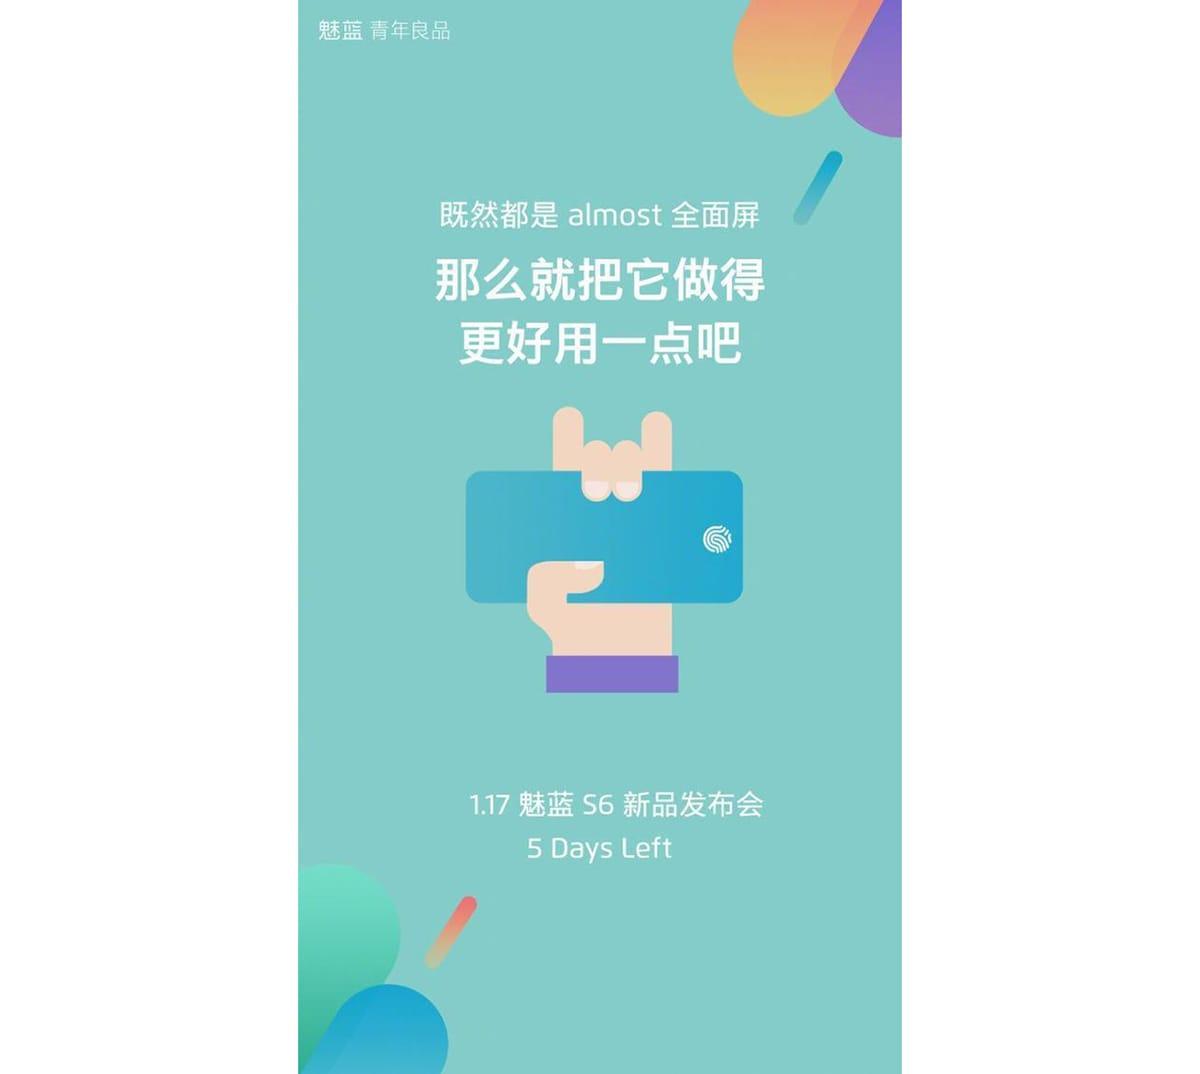 Meizu представила свой 1-ый смартфон ссоотношением сторон 18:9